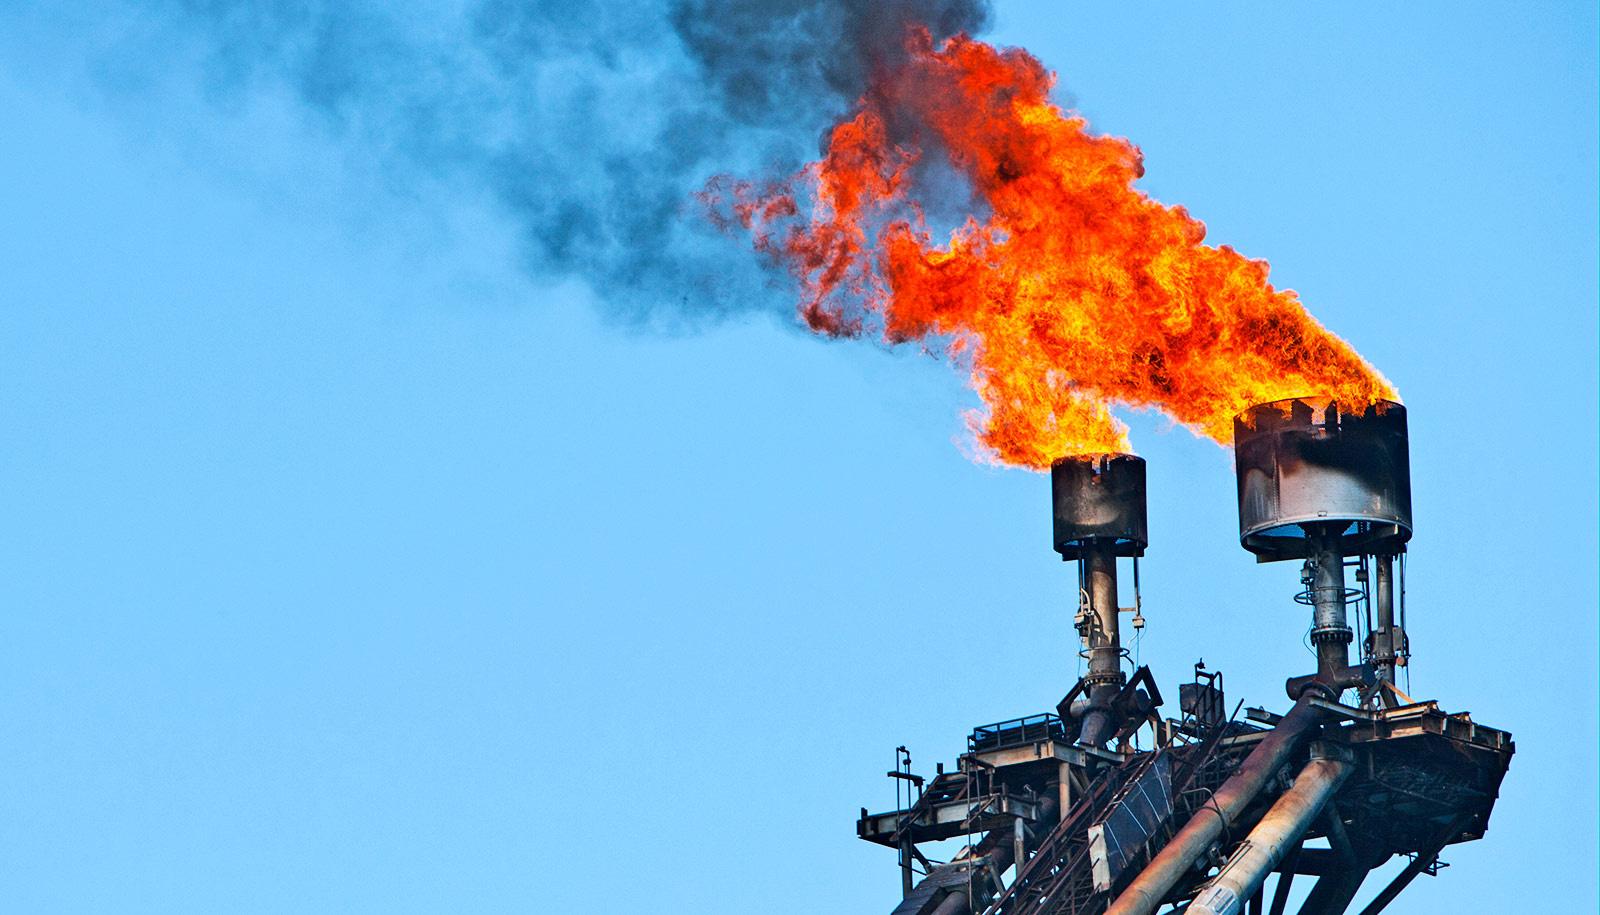 Giá gas hôm nay 31/12: Phục hồi nhẹ nhờ sản xuất khí đốt tự nhiên Mỹ tăng - Ảnh 1.